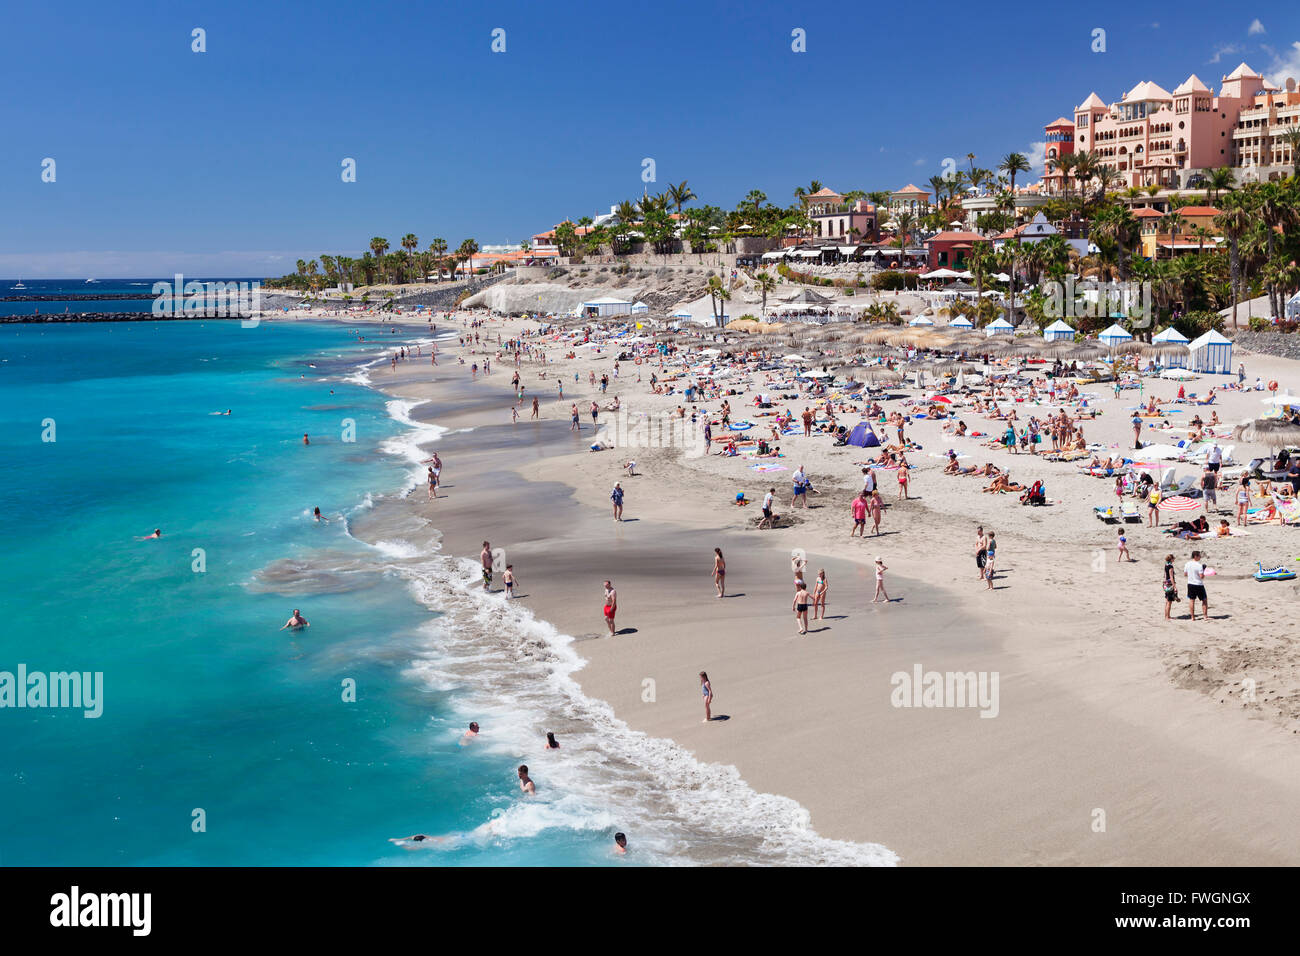 Costa Adeje Immagini   Costa Adeje Fotos Stock - Alamy 742247eda27